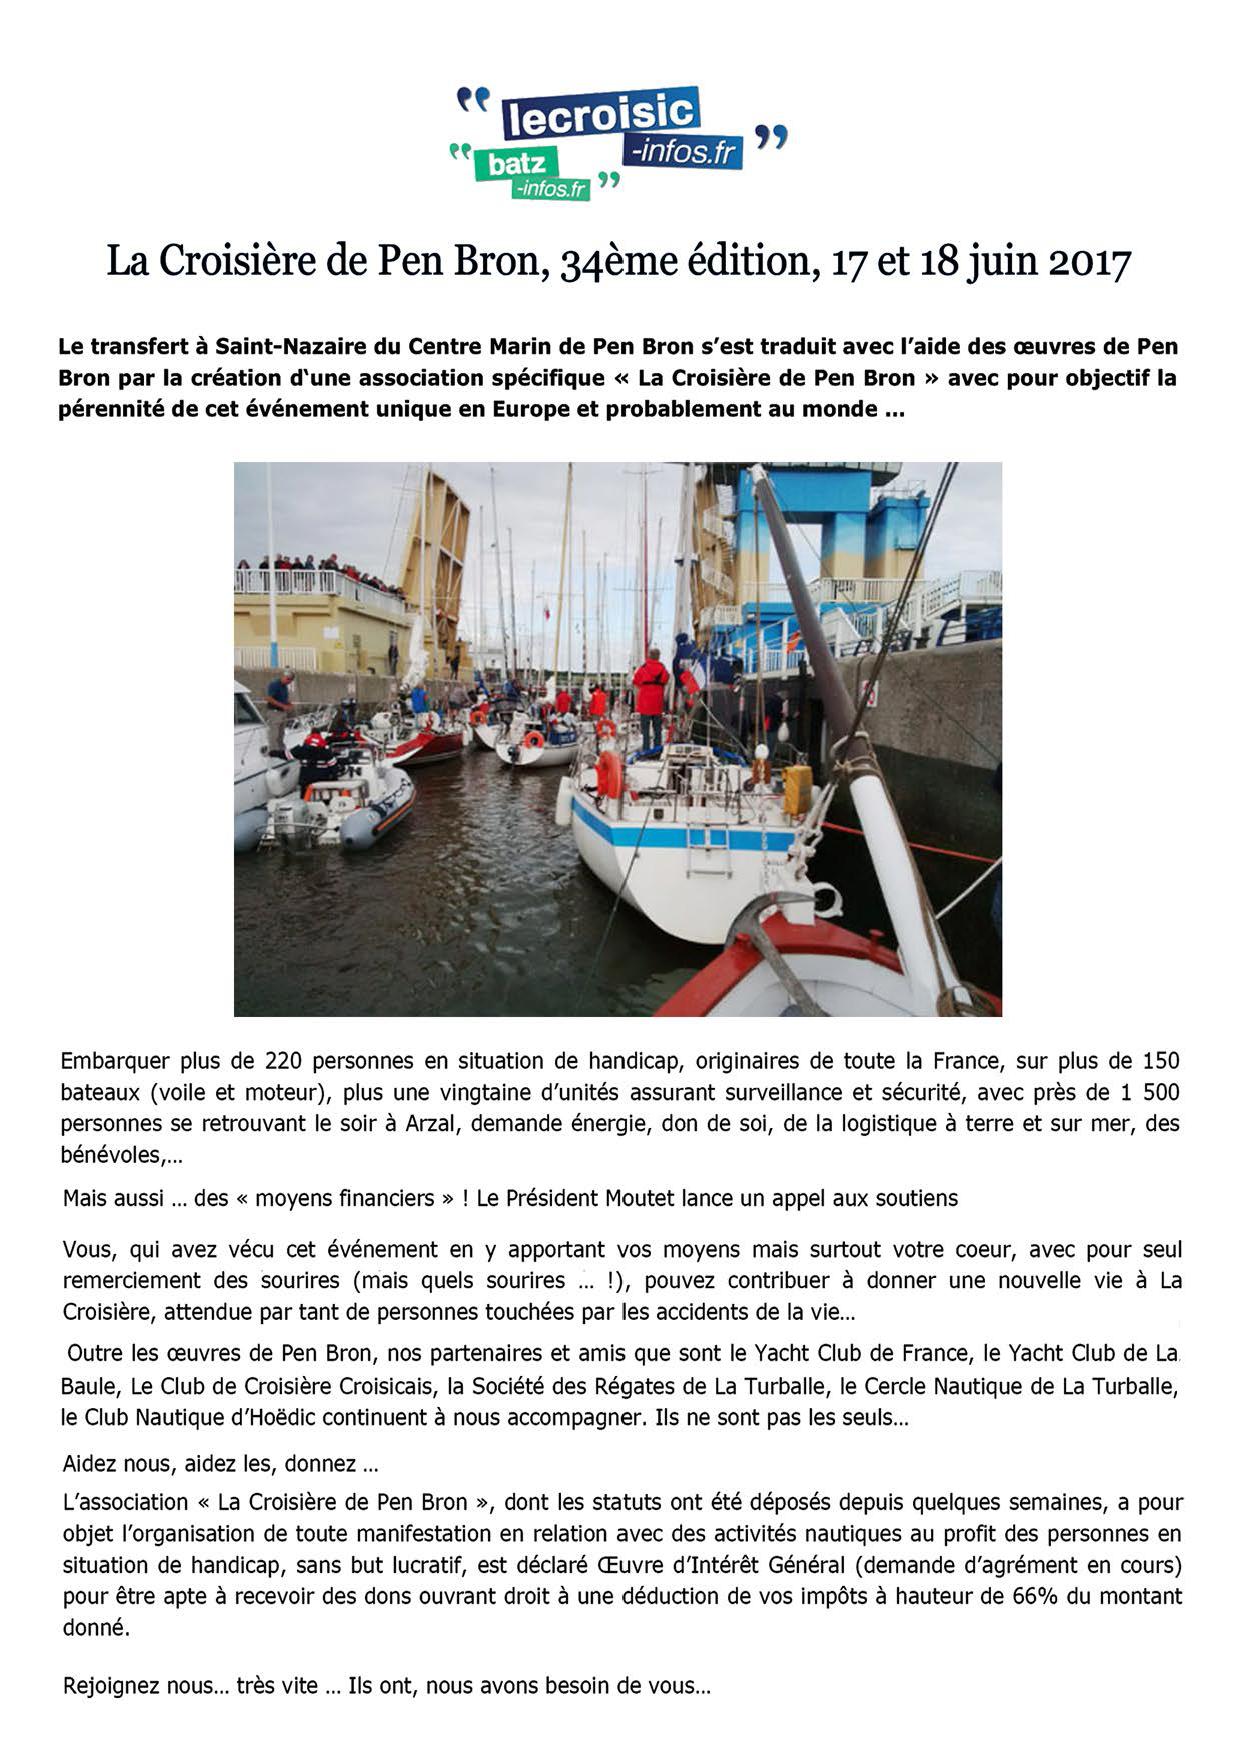 La Croisière de Pen Bron, 34ème édition, 17 et 18 juin 2017